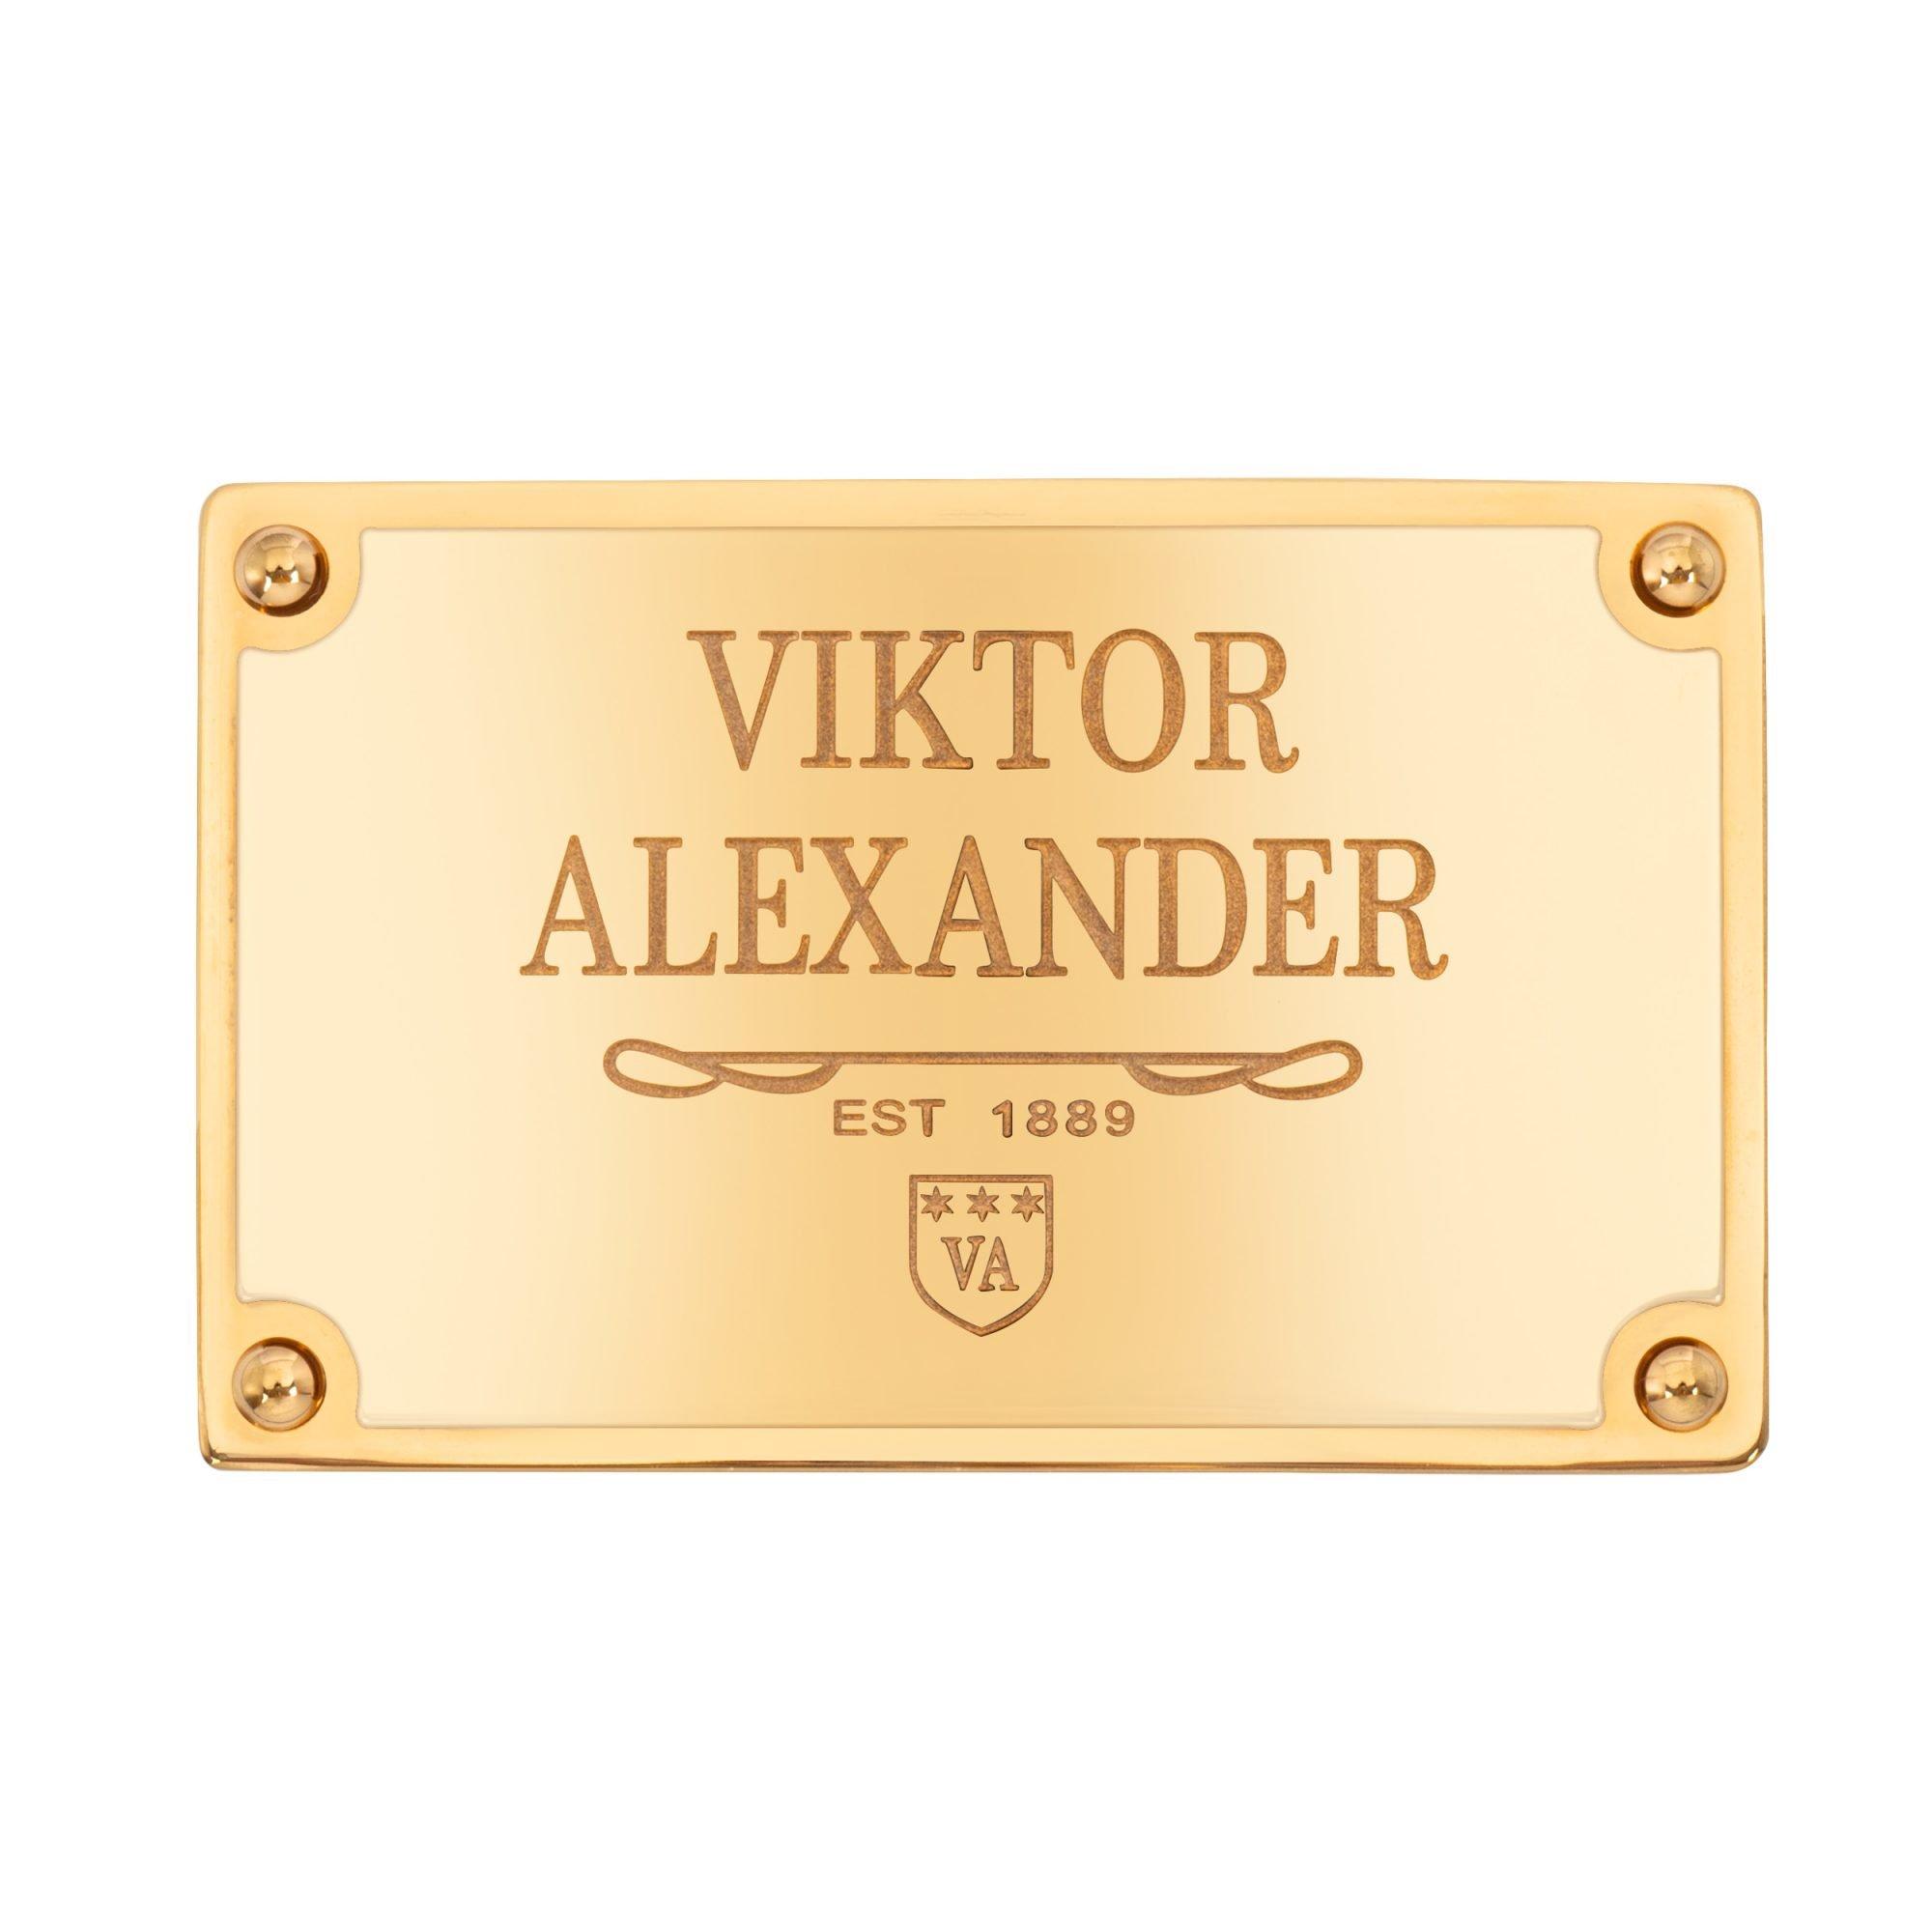 VIKTOR ALEXANDER 35MM STAINLESS STEEL LUXURY BUCKLE 1889 BUCKLE